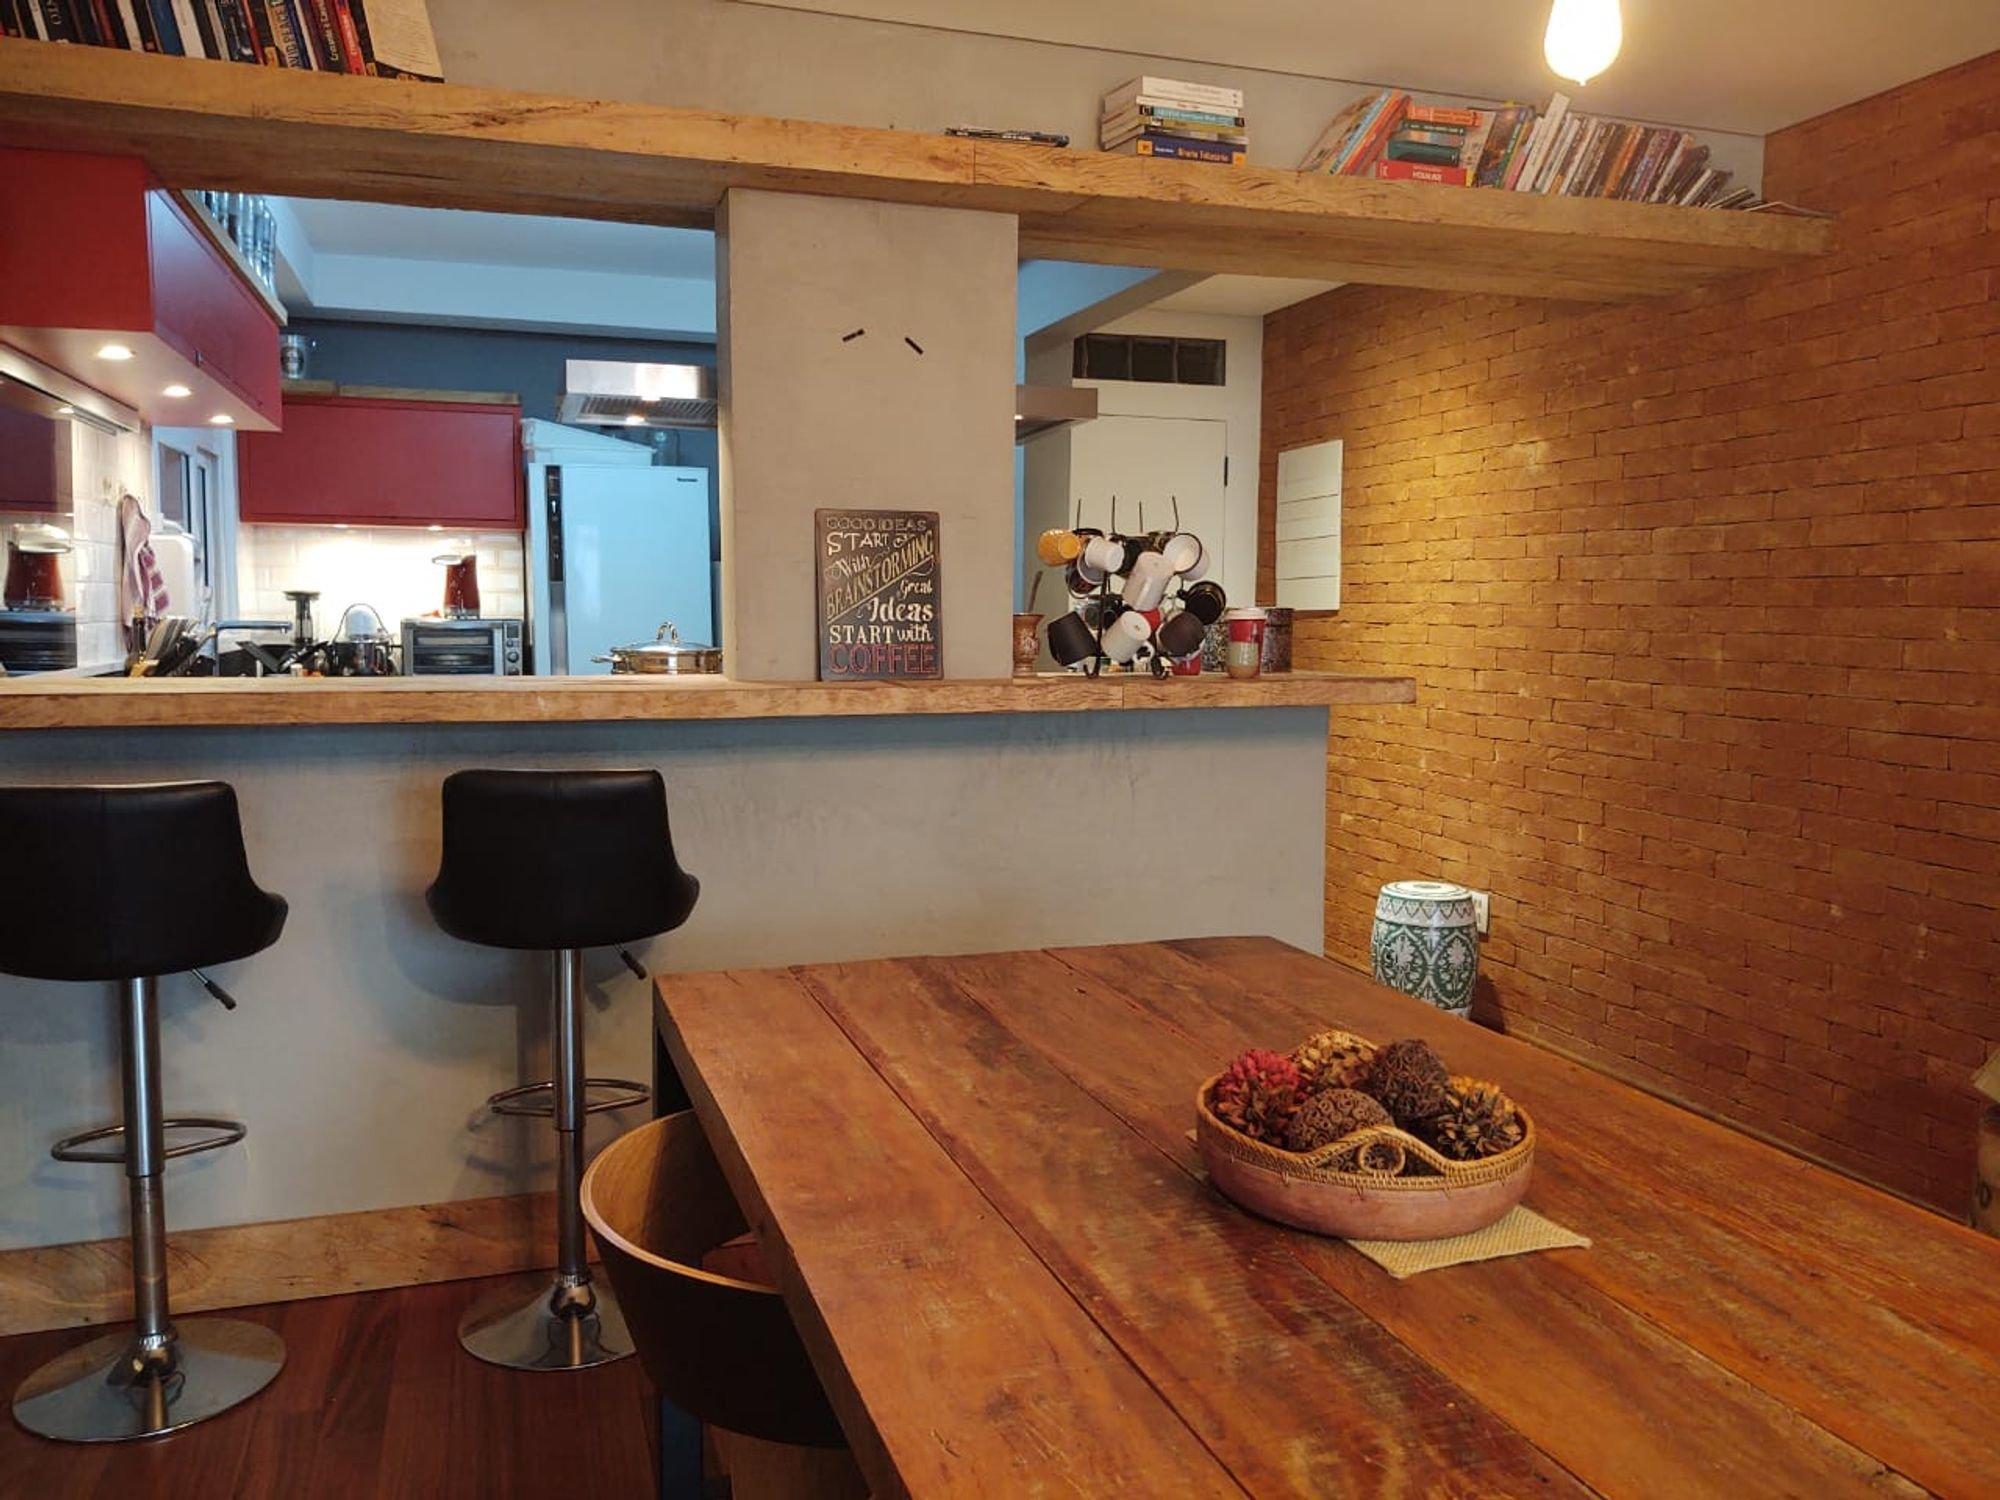 Nesta foto há vaso de planta, cadeira, mesa de jantar